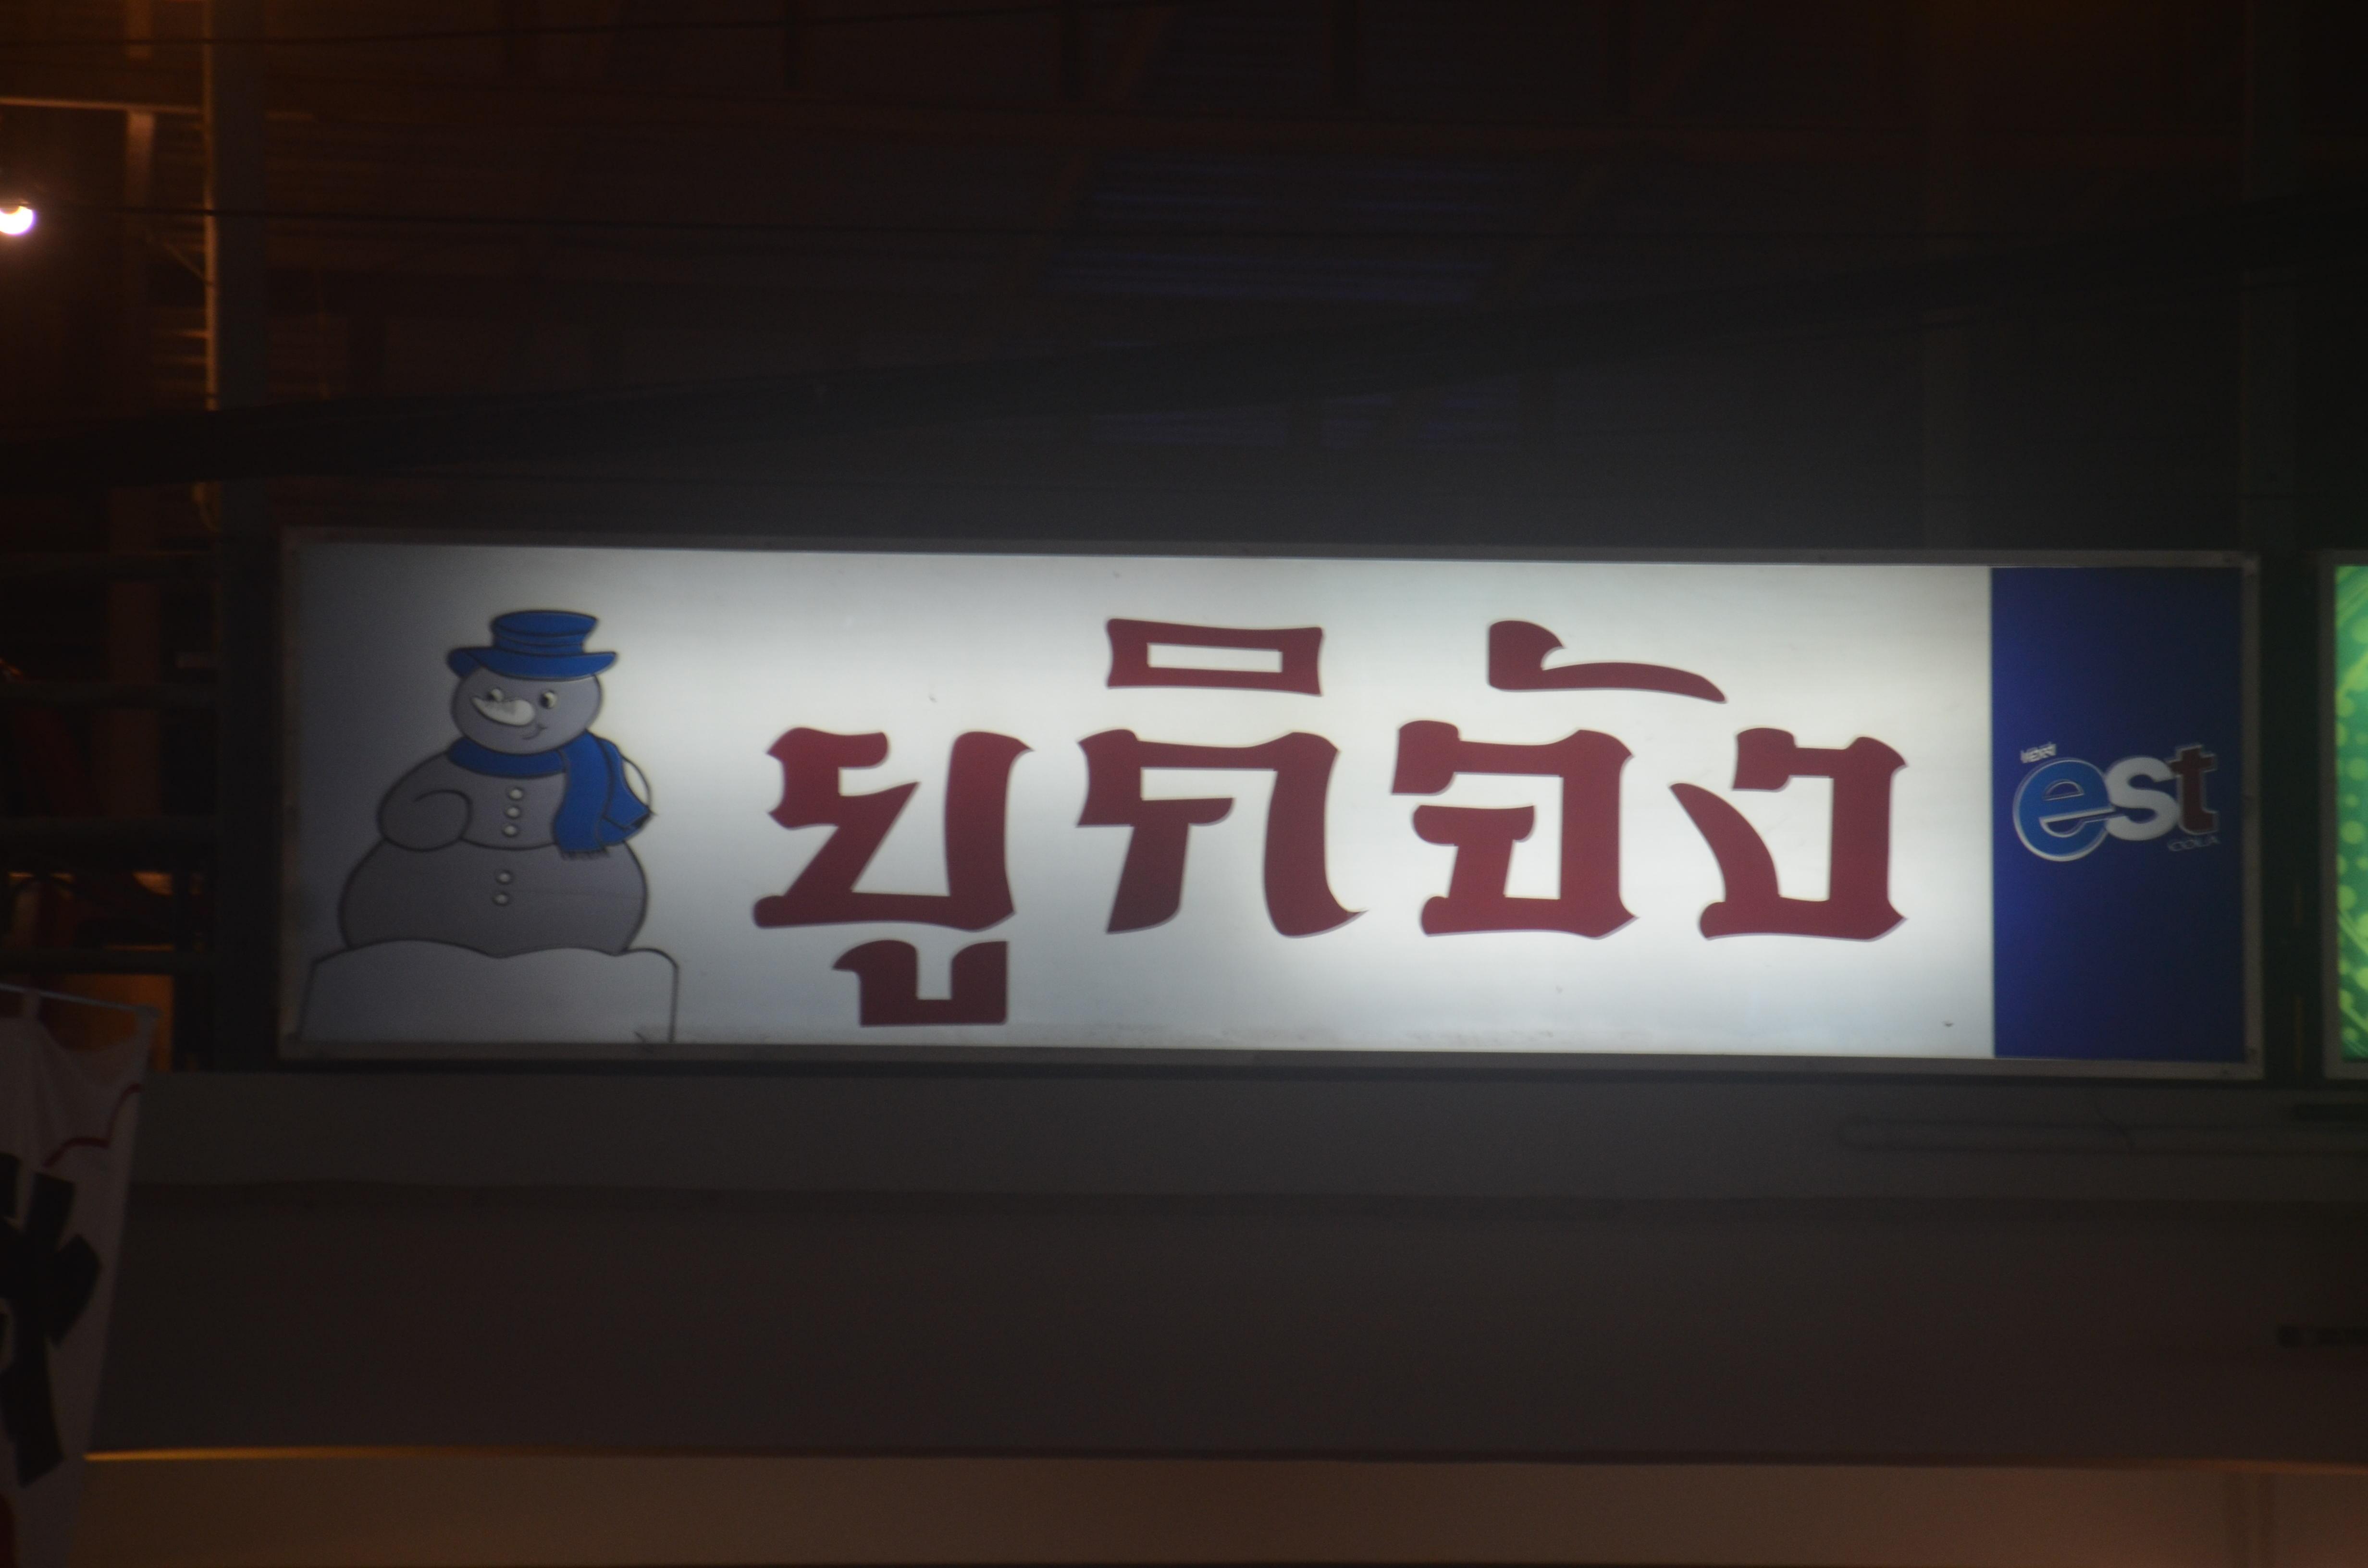 タイ語表記・ゆきちゃん